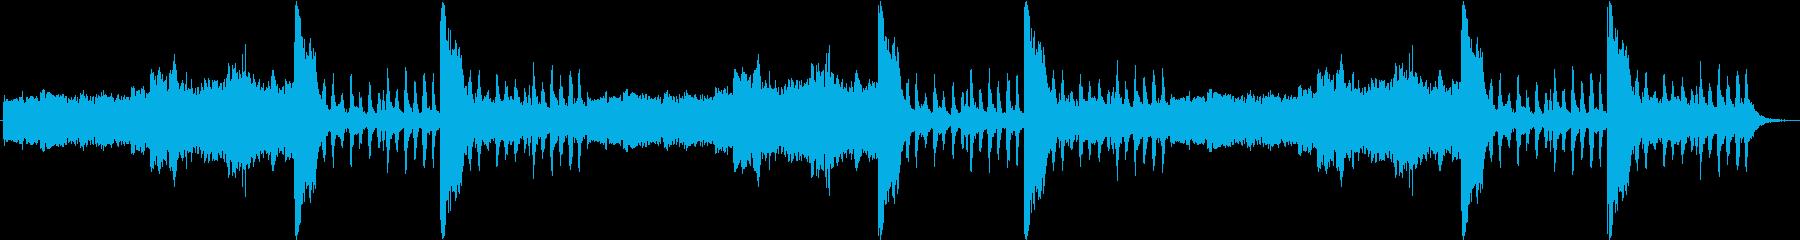 RPG フィールド「魔界」30秒ループの再生済みの波形